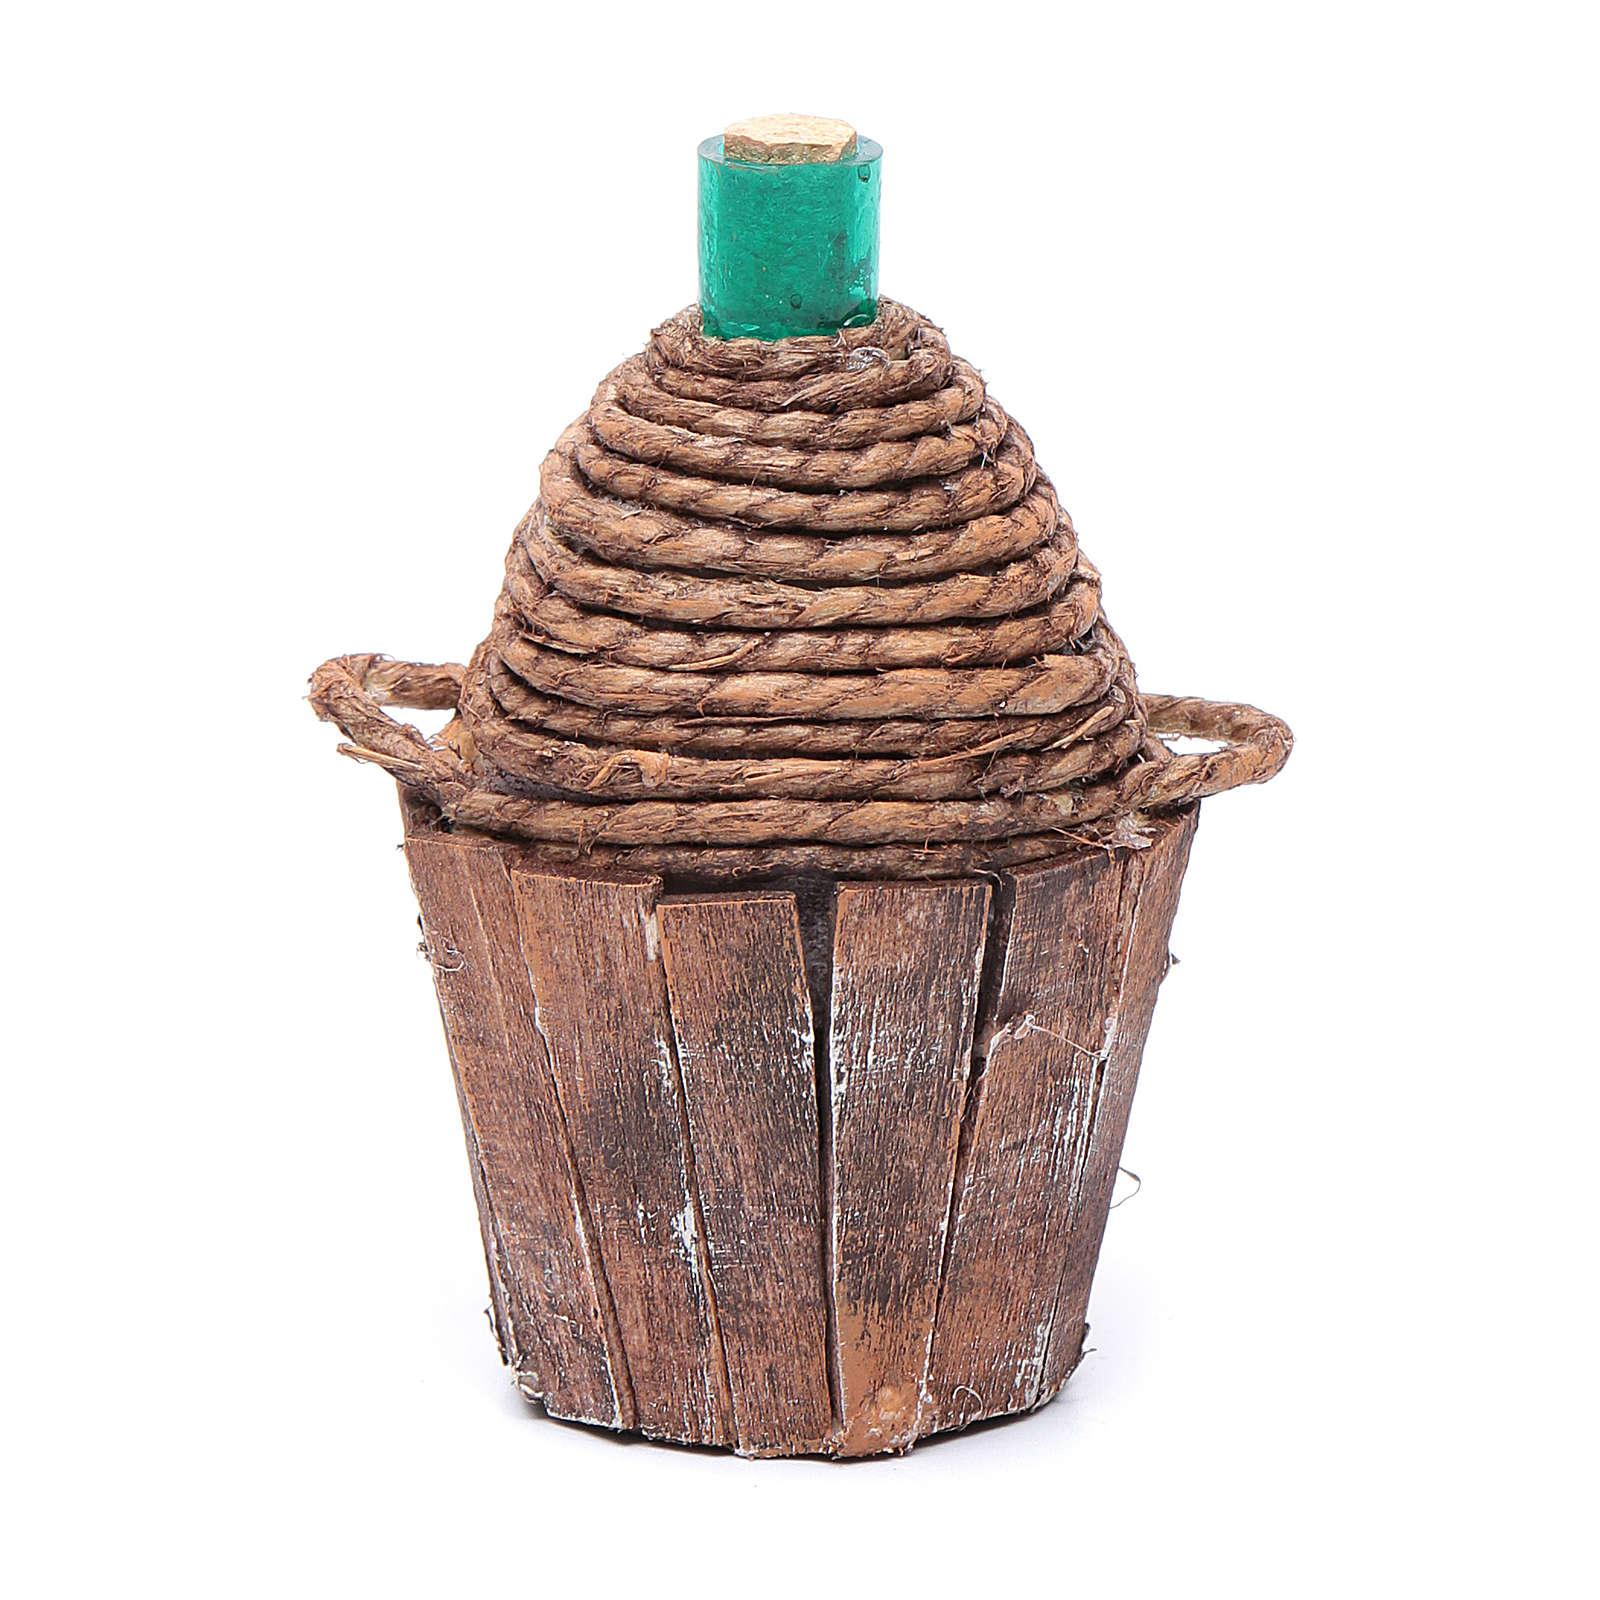 Damigiana legno 9 cm 4